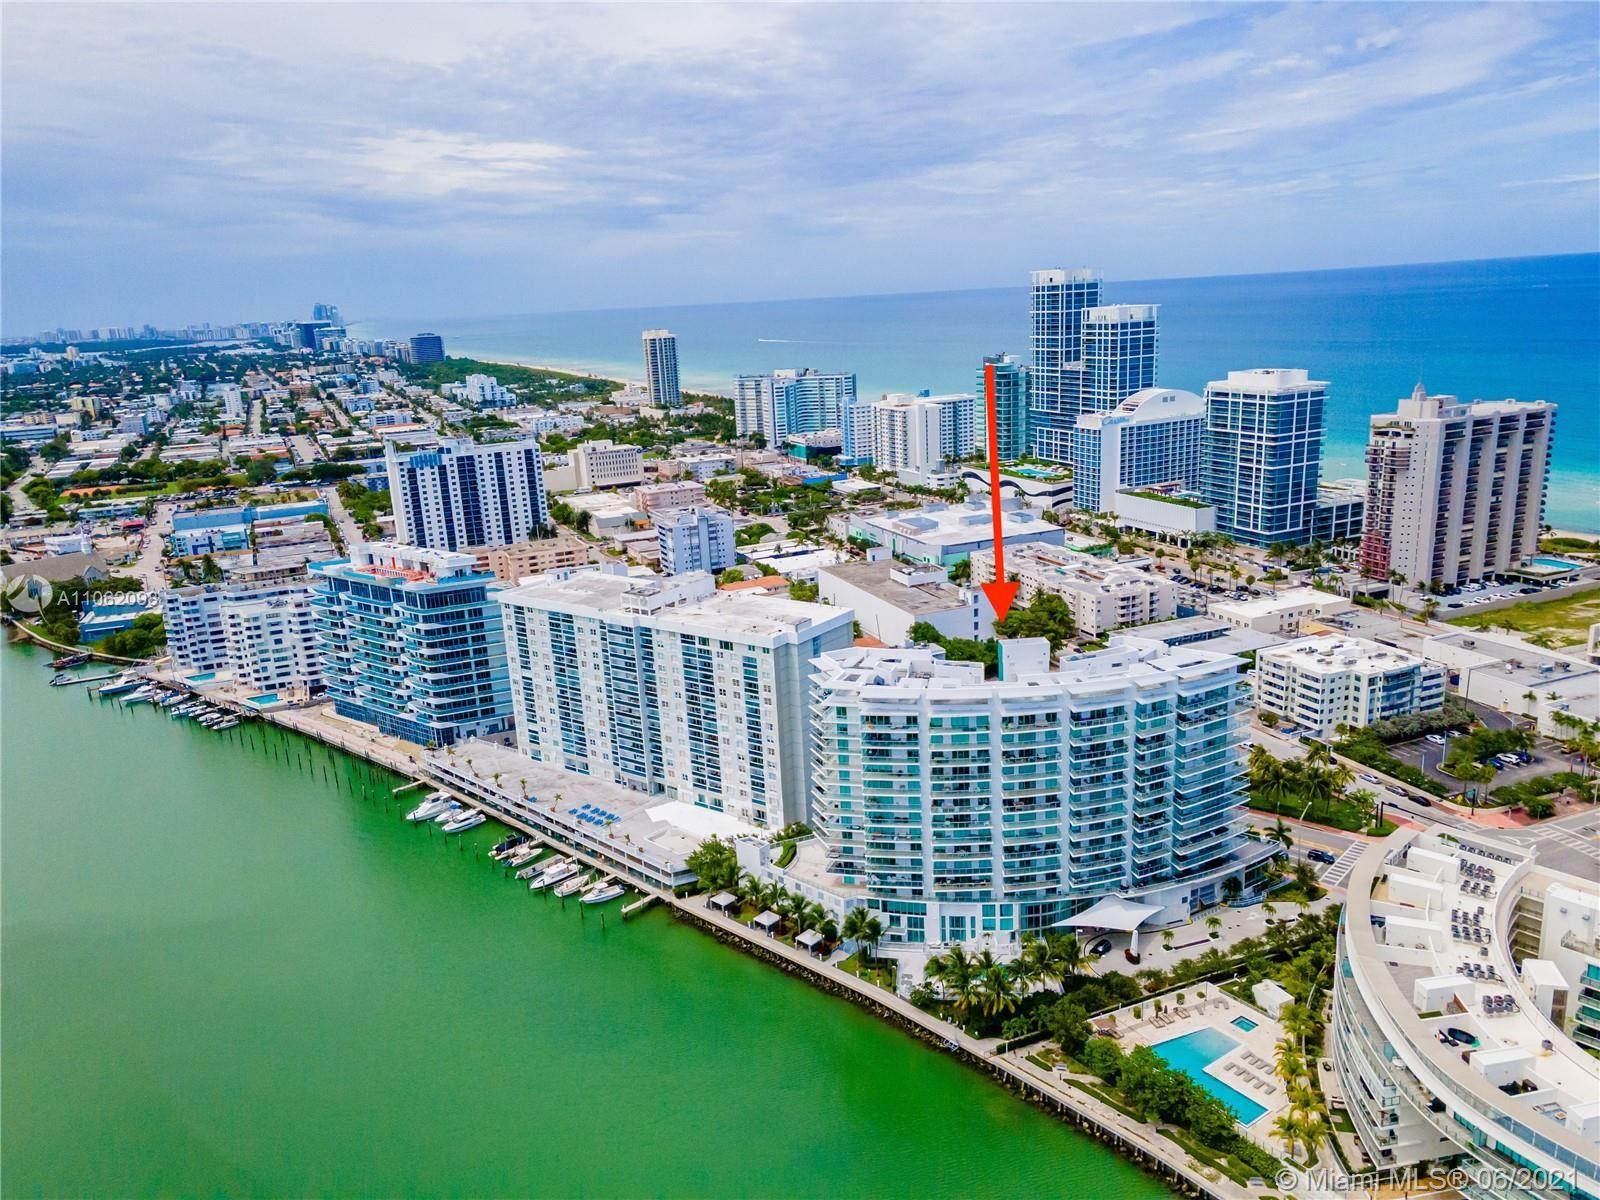 6700 Indian Creek Dr #608, Miami Beach, FL 33141 - #: A11062098